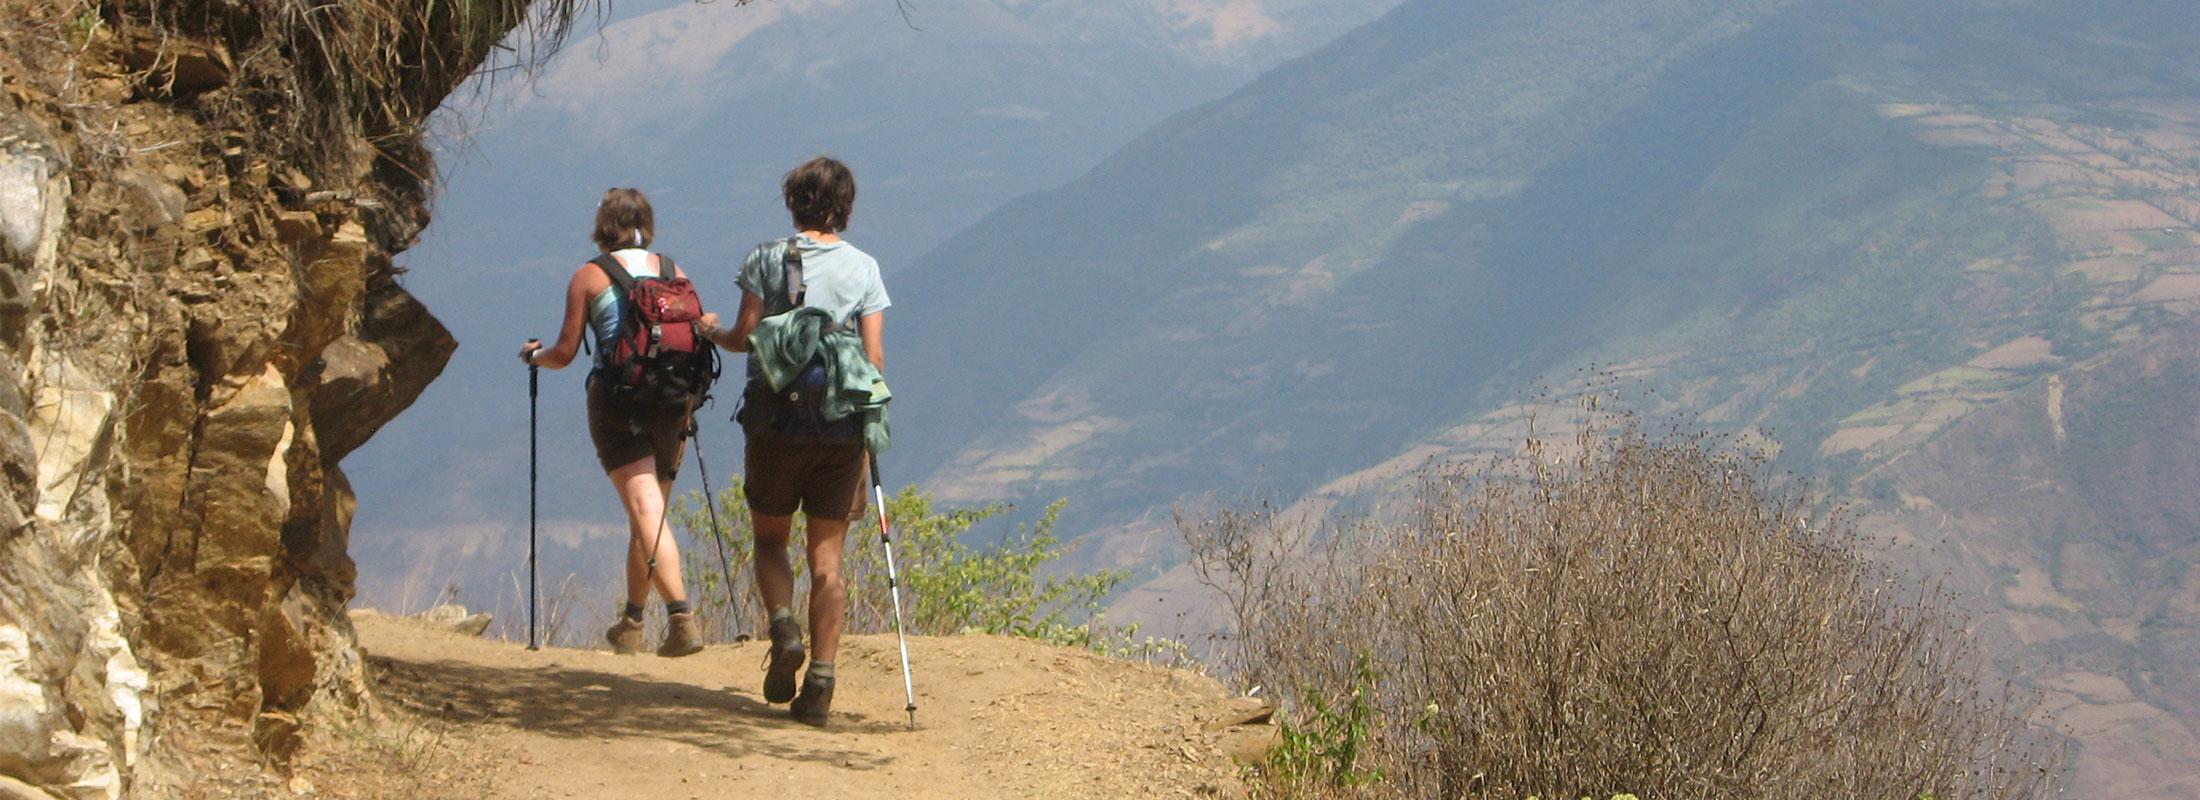 salkantay trek (1)